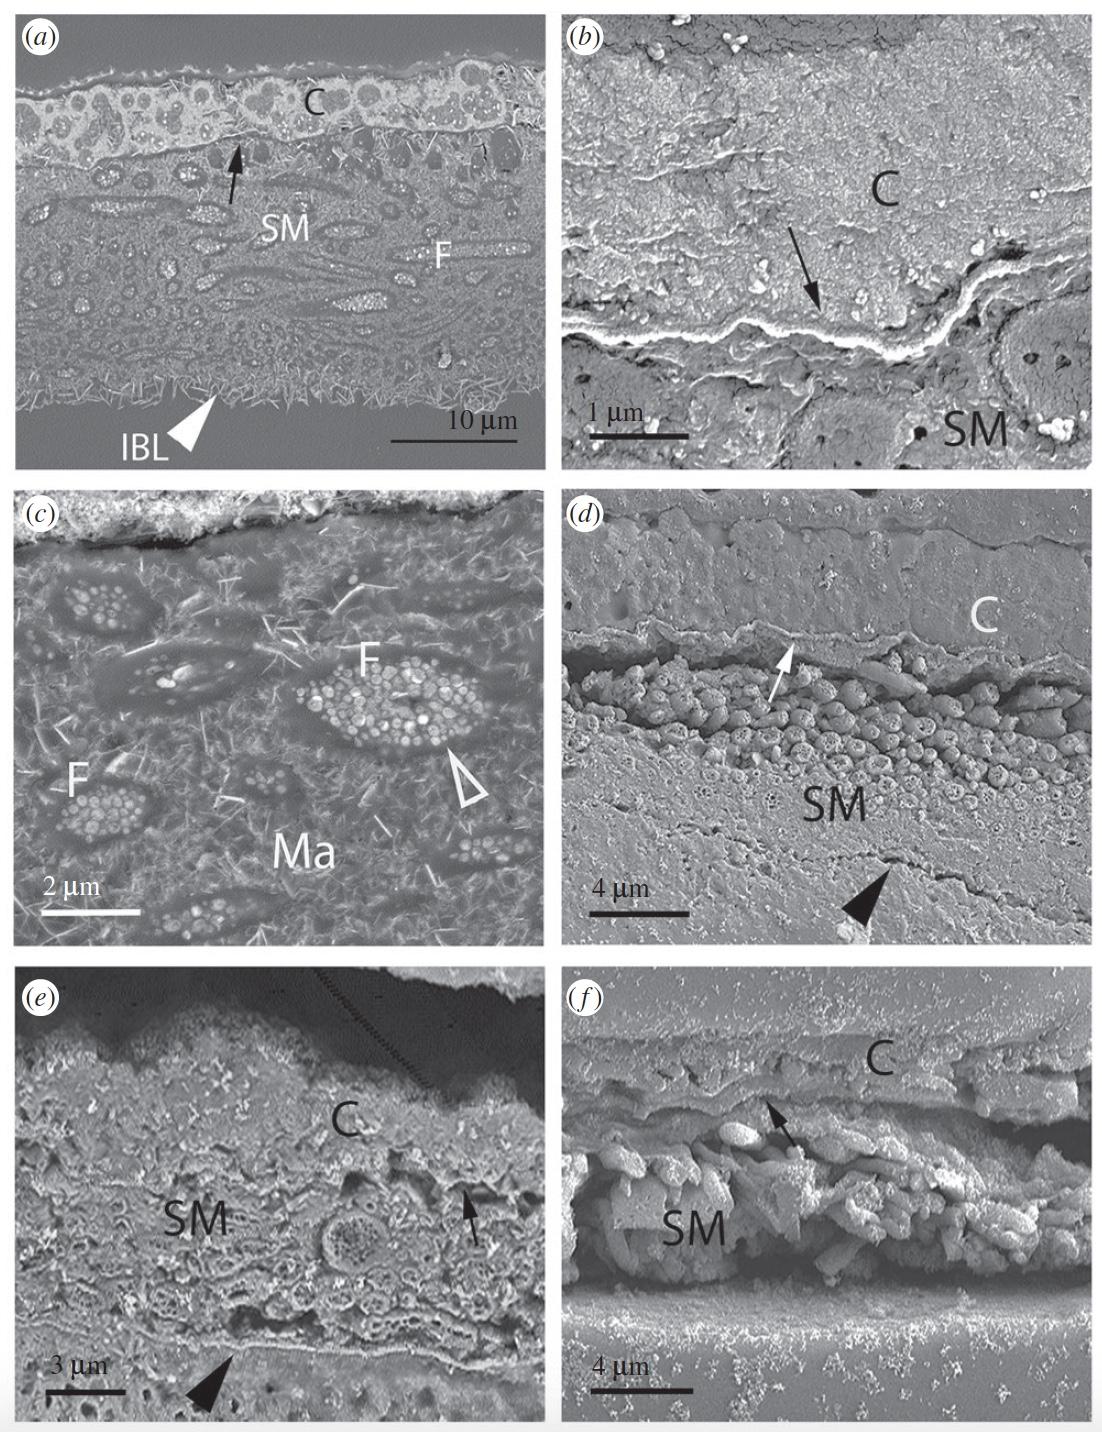 Непостоянство эволюции: живорождение и яйцекладка одновременно у ящериц вида Saiphos equalis - 6